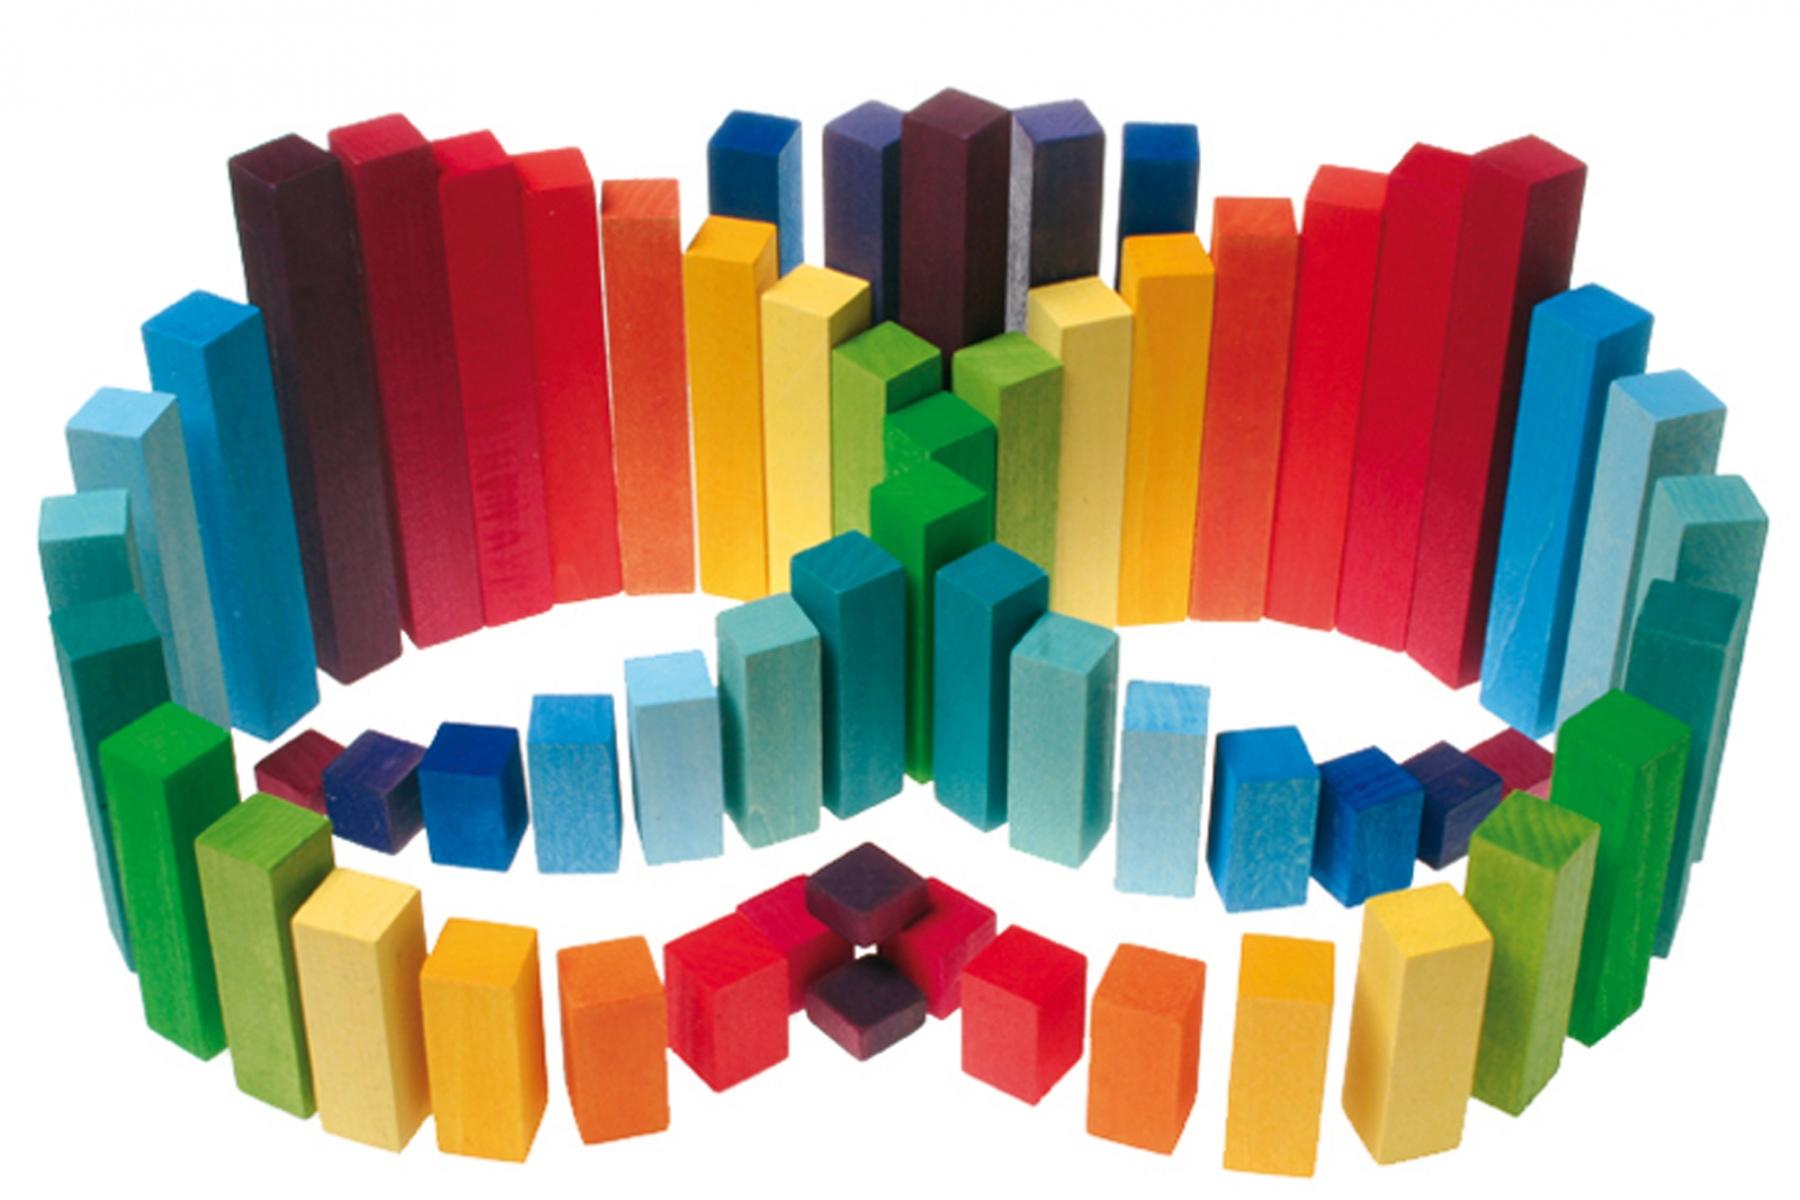 Jeu de construction grimm 39 s jeu de construction carr b tons 60 cubes - Video de jeux de construction ...